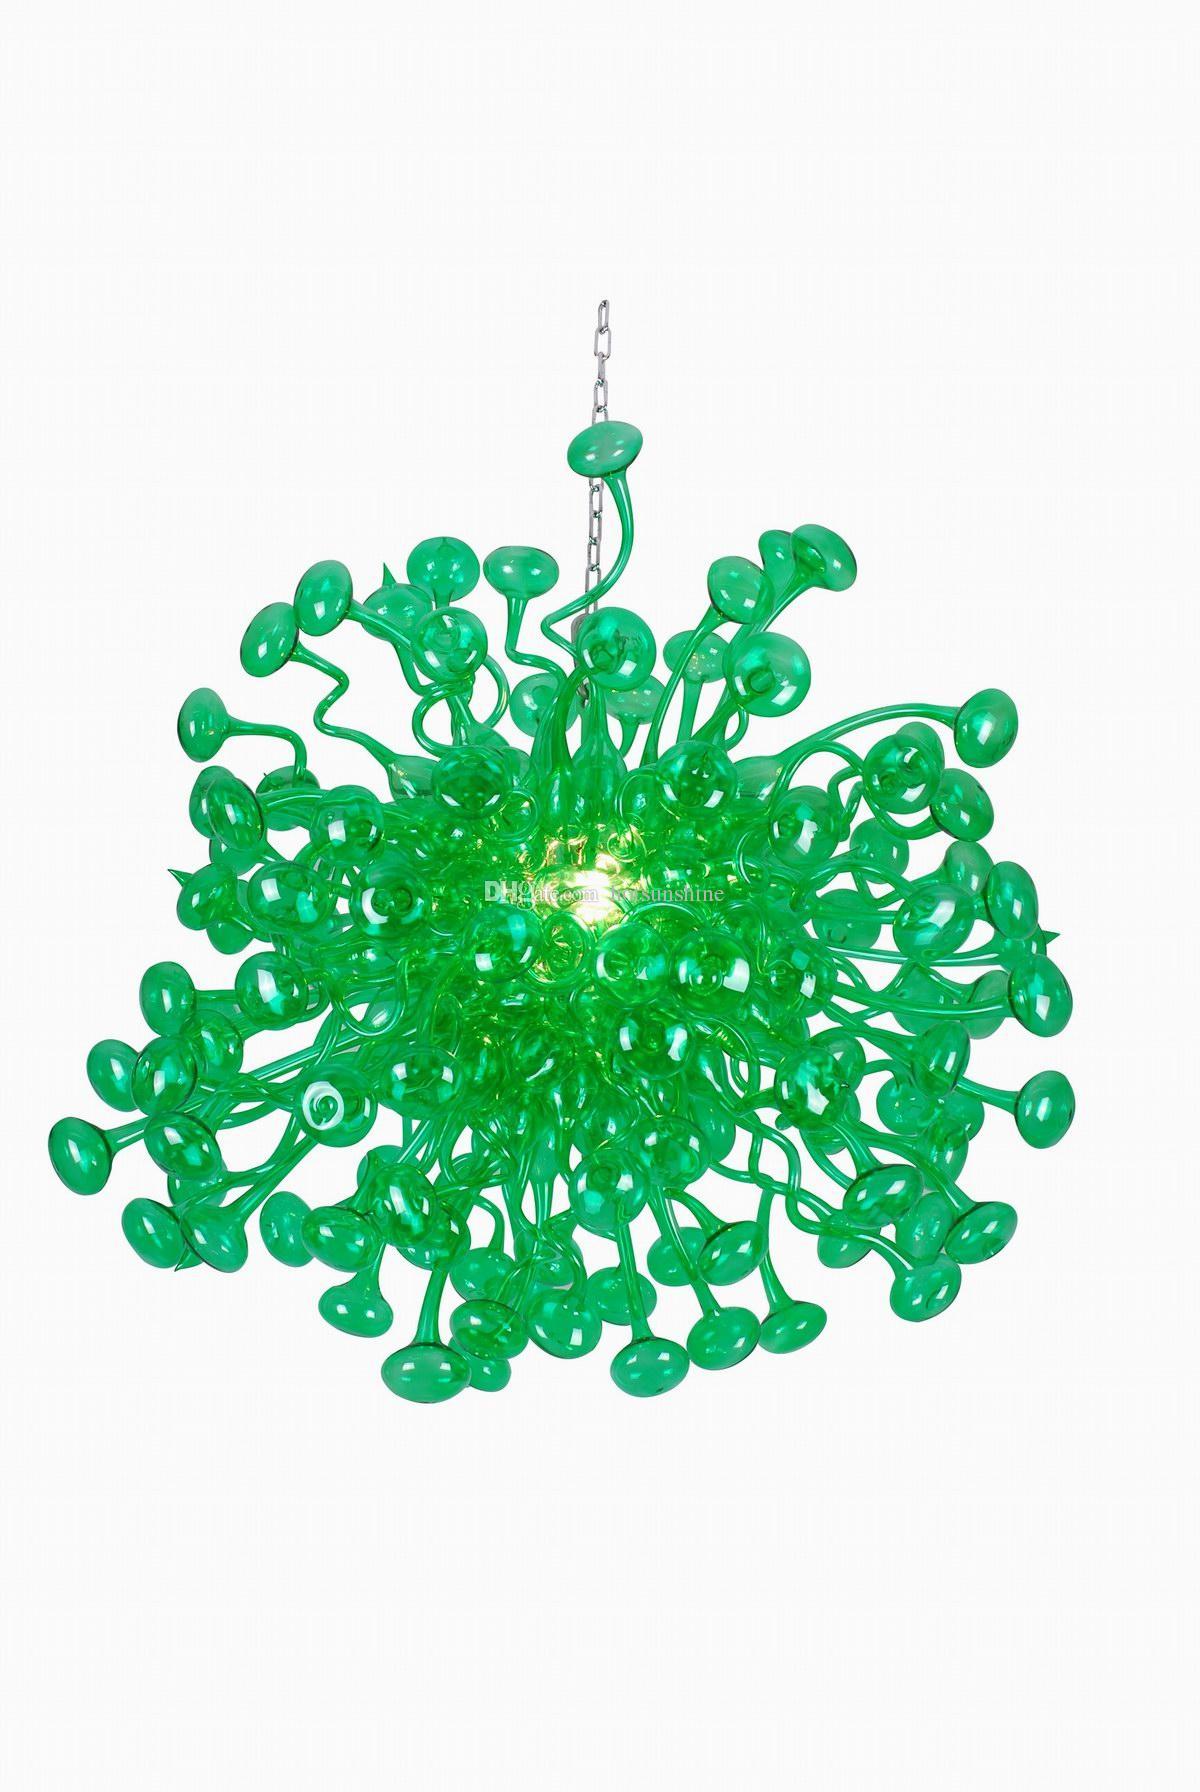 Il soffitto di cristallo di modo libero colorato moderno di verde del candeliere di vetro 100% ha condotto il pranzo moderno vivente